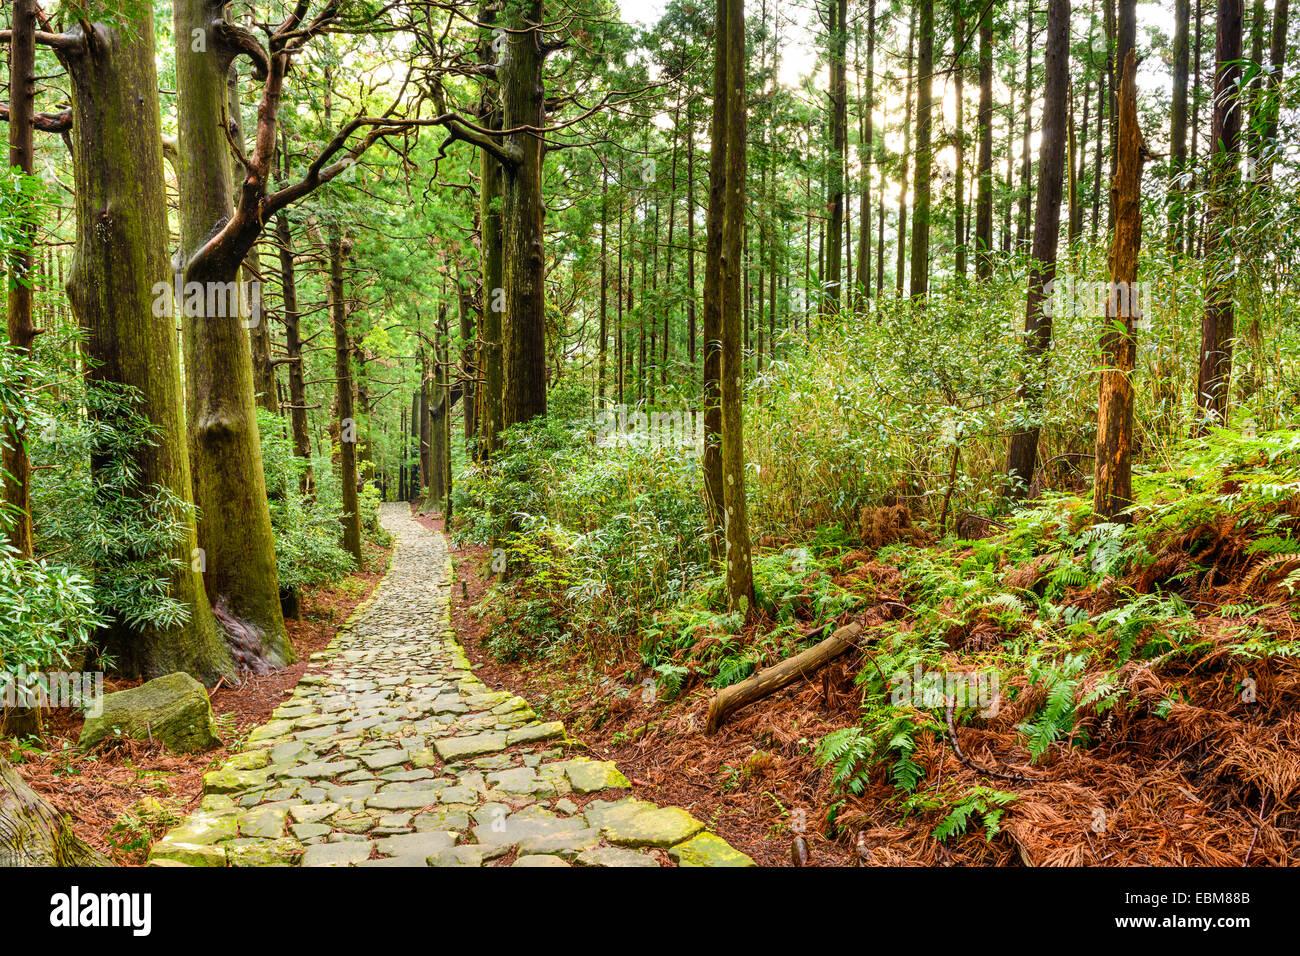 Kumano Kodo à Daimon-zaka, un sentier sacré désigné comme site du patrimoine mondial de l'UNESCO dans la région de Nachi, Wakayama, Japon. Banque D'Images